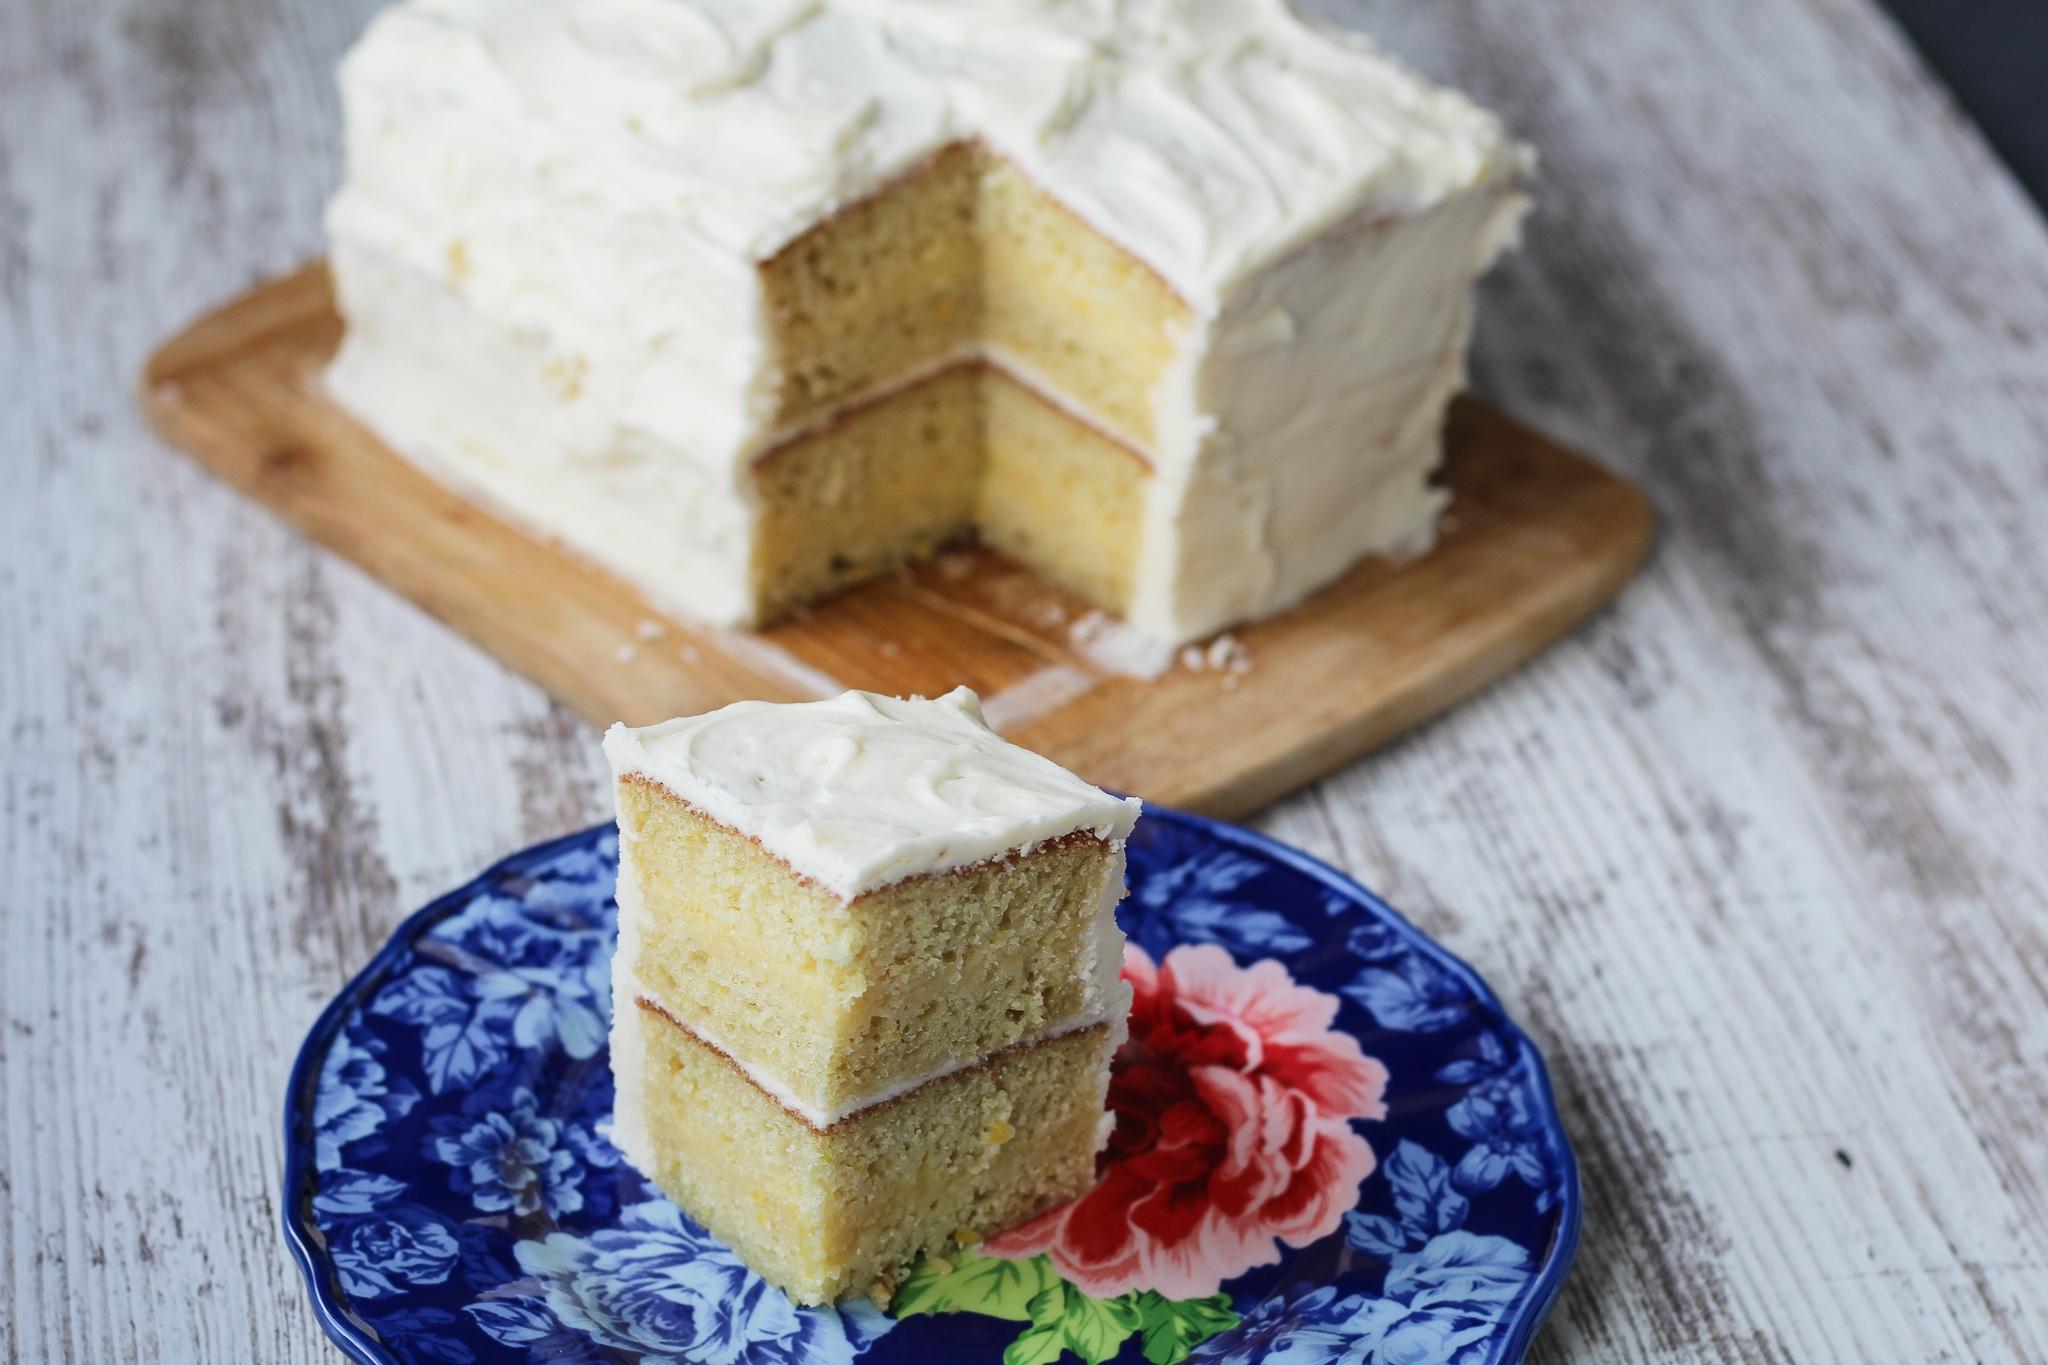 Lemon Buttercream Cake with Lemon Curd Filling